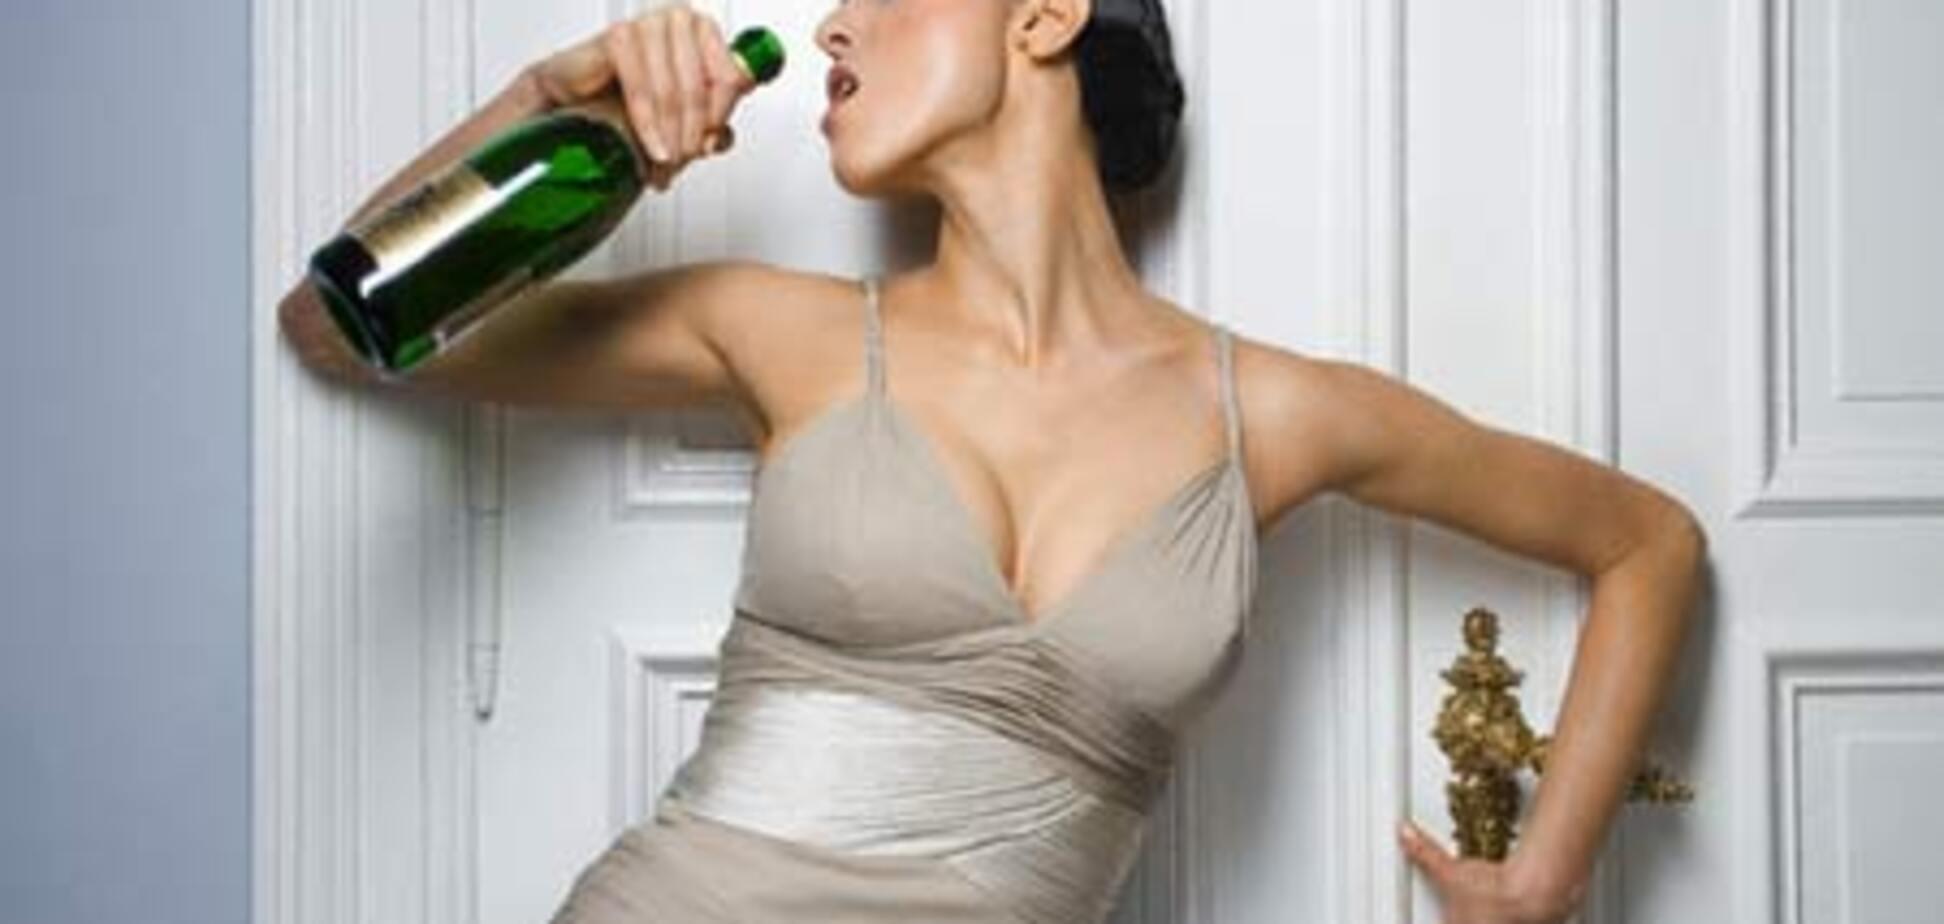 Ученые: Успешные женщины пьют в 2 раза больше